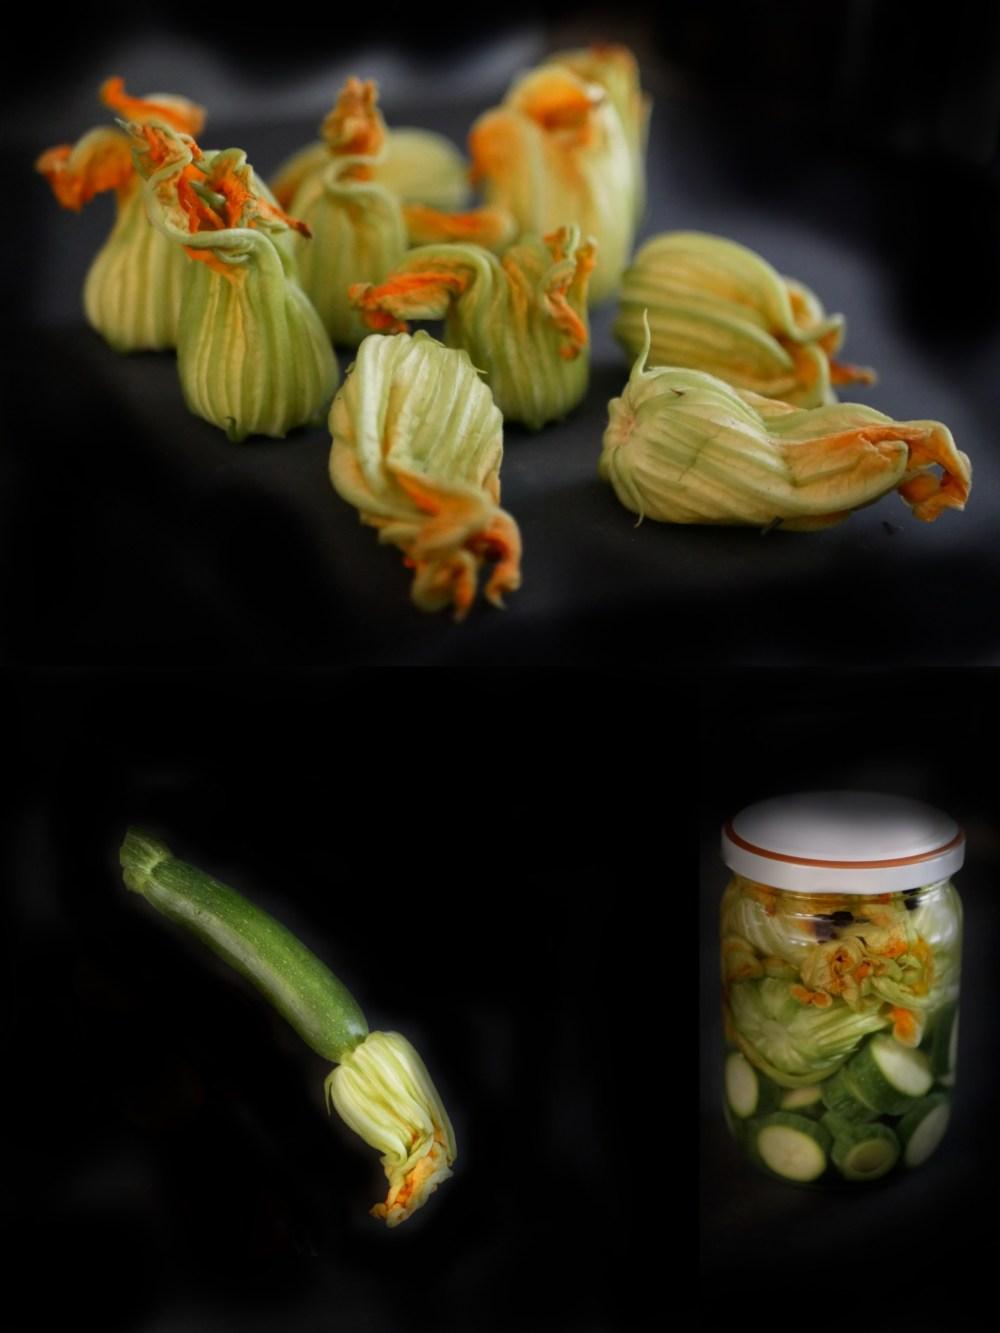 Pickles de courgettes et fleurs